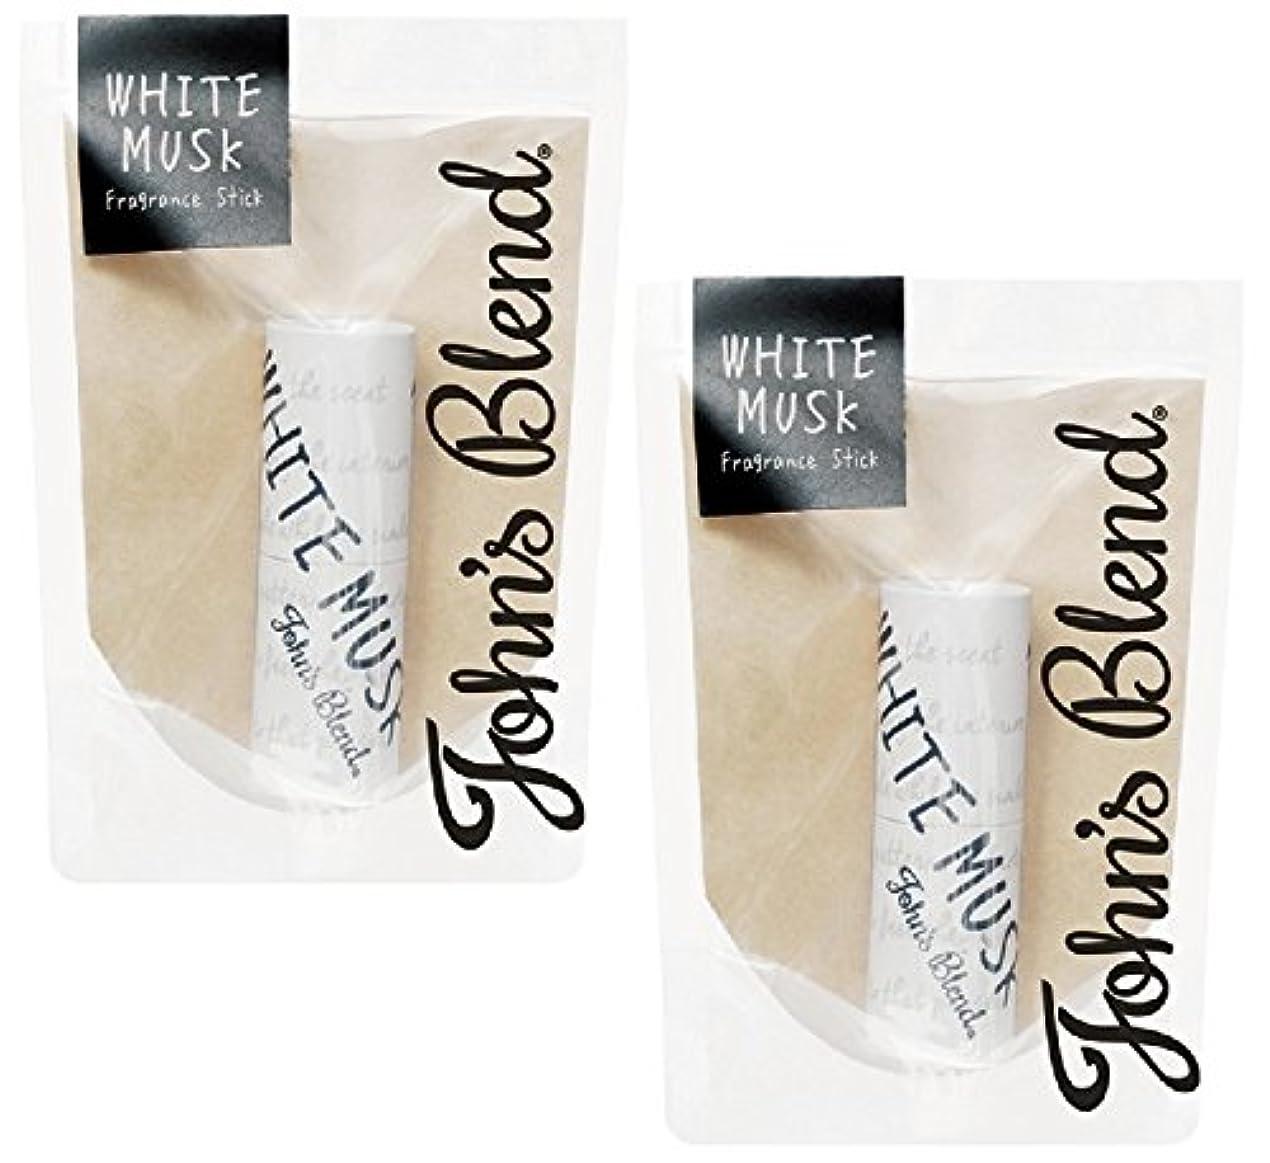 柱いわゆる経由で【2個セット】Johns Blend 練り香水 フレグランス スティック ホワイトムスク の香り OZ-JOD-3-1